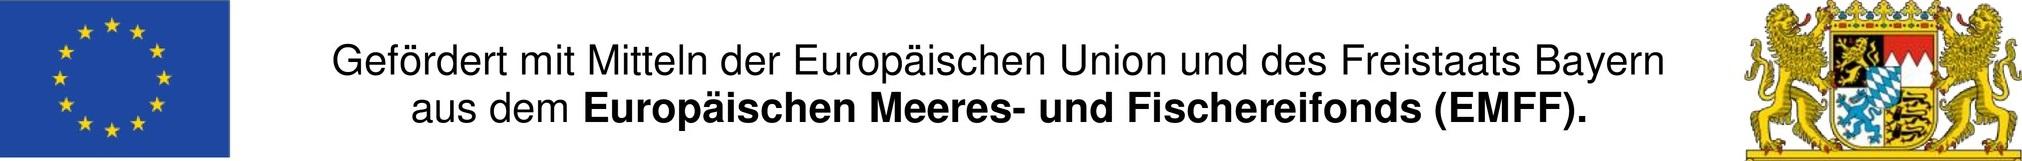 6-vorlage_hinweis_auf_emff_eu-bayern-wappen